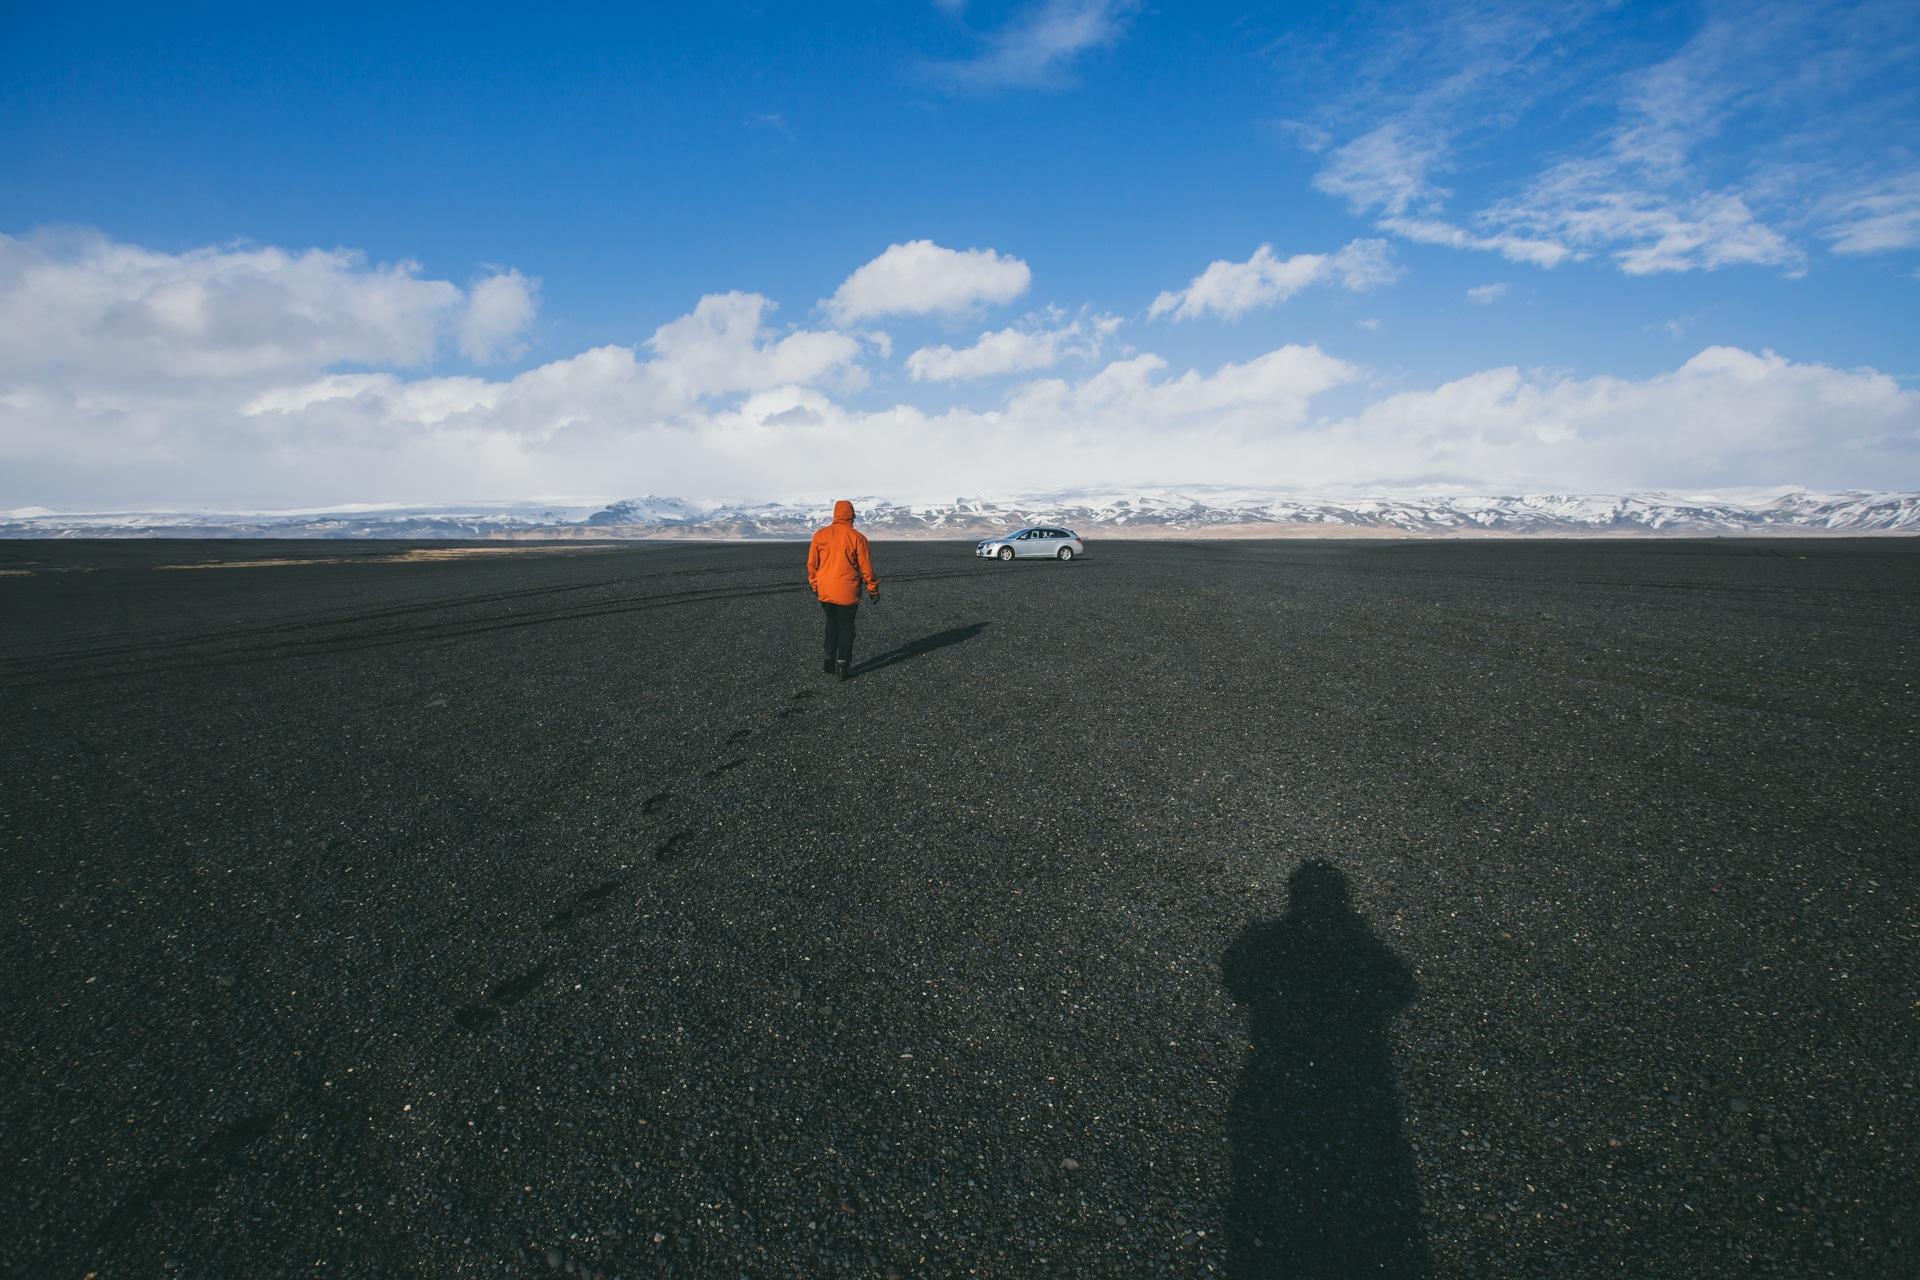 Iceland-2014-roadtrip-7.jpg